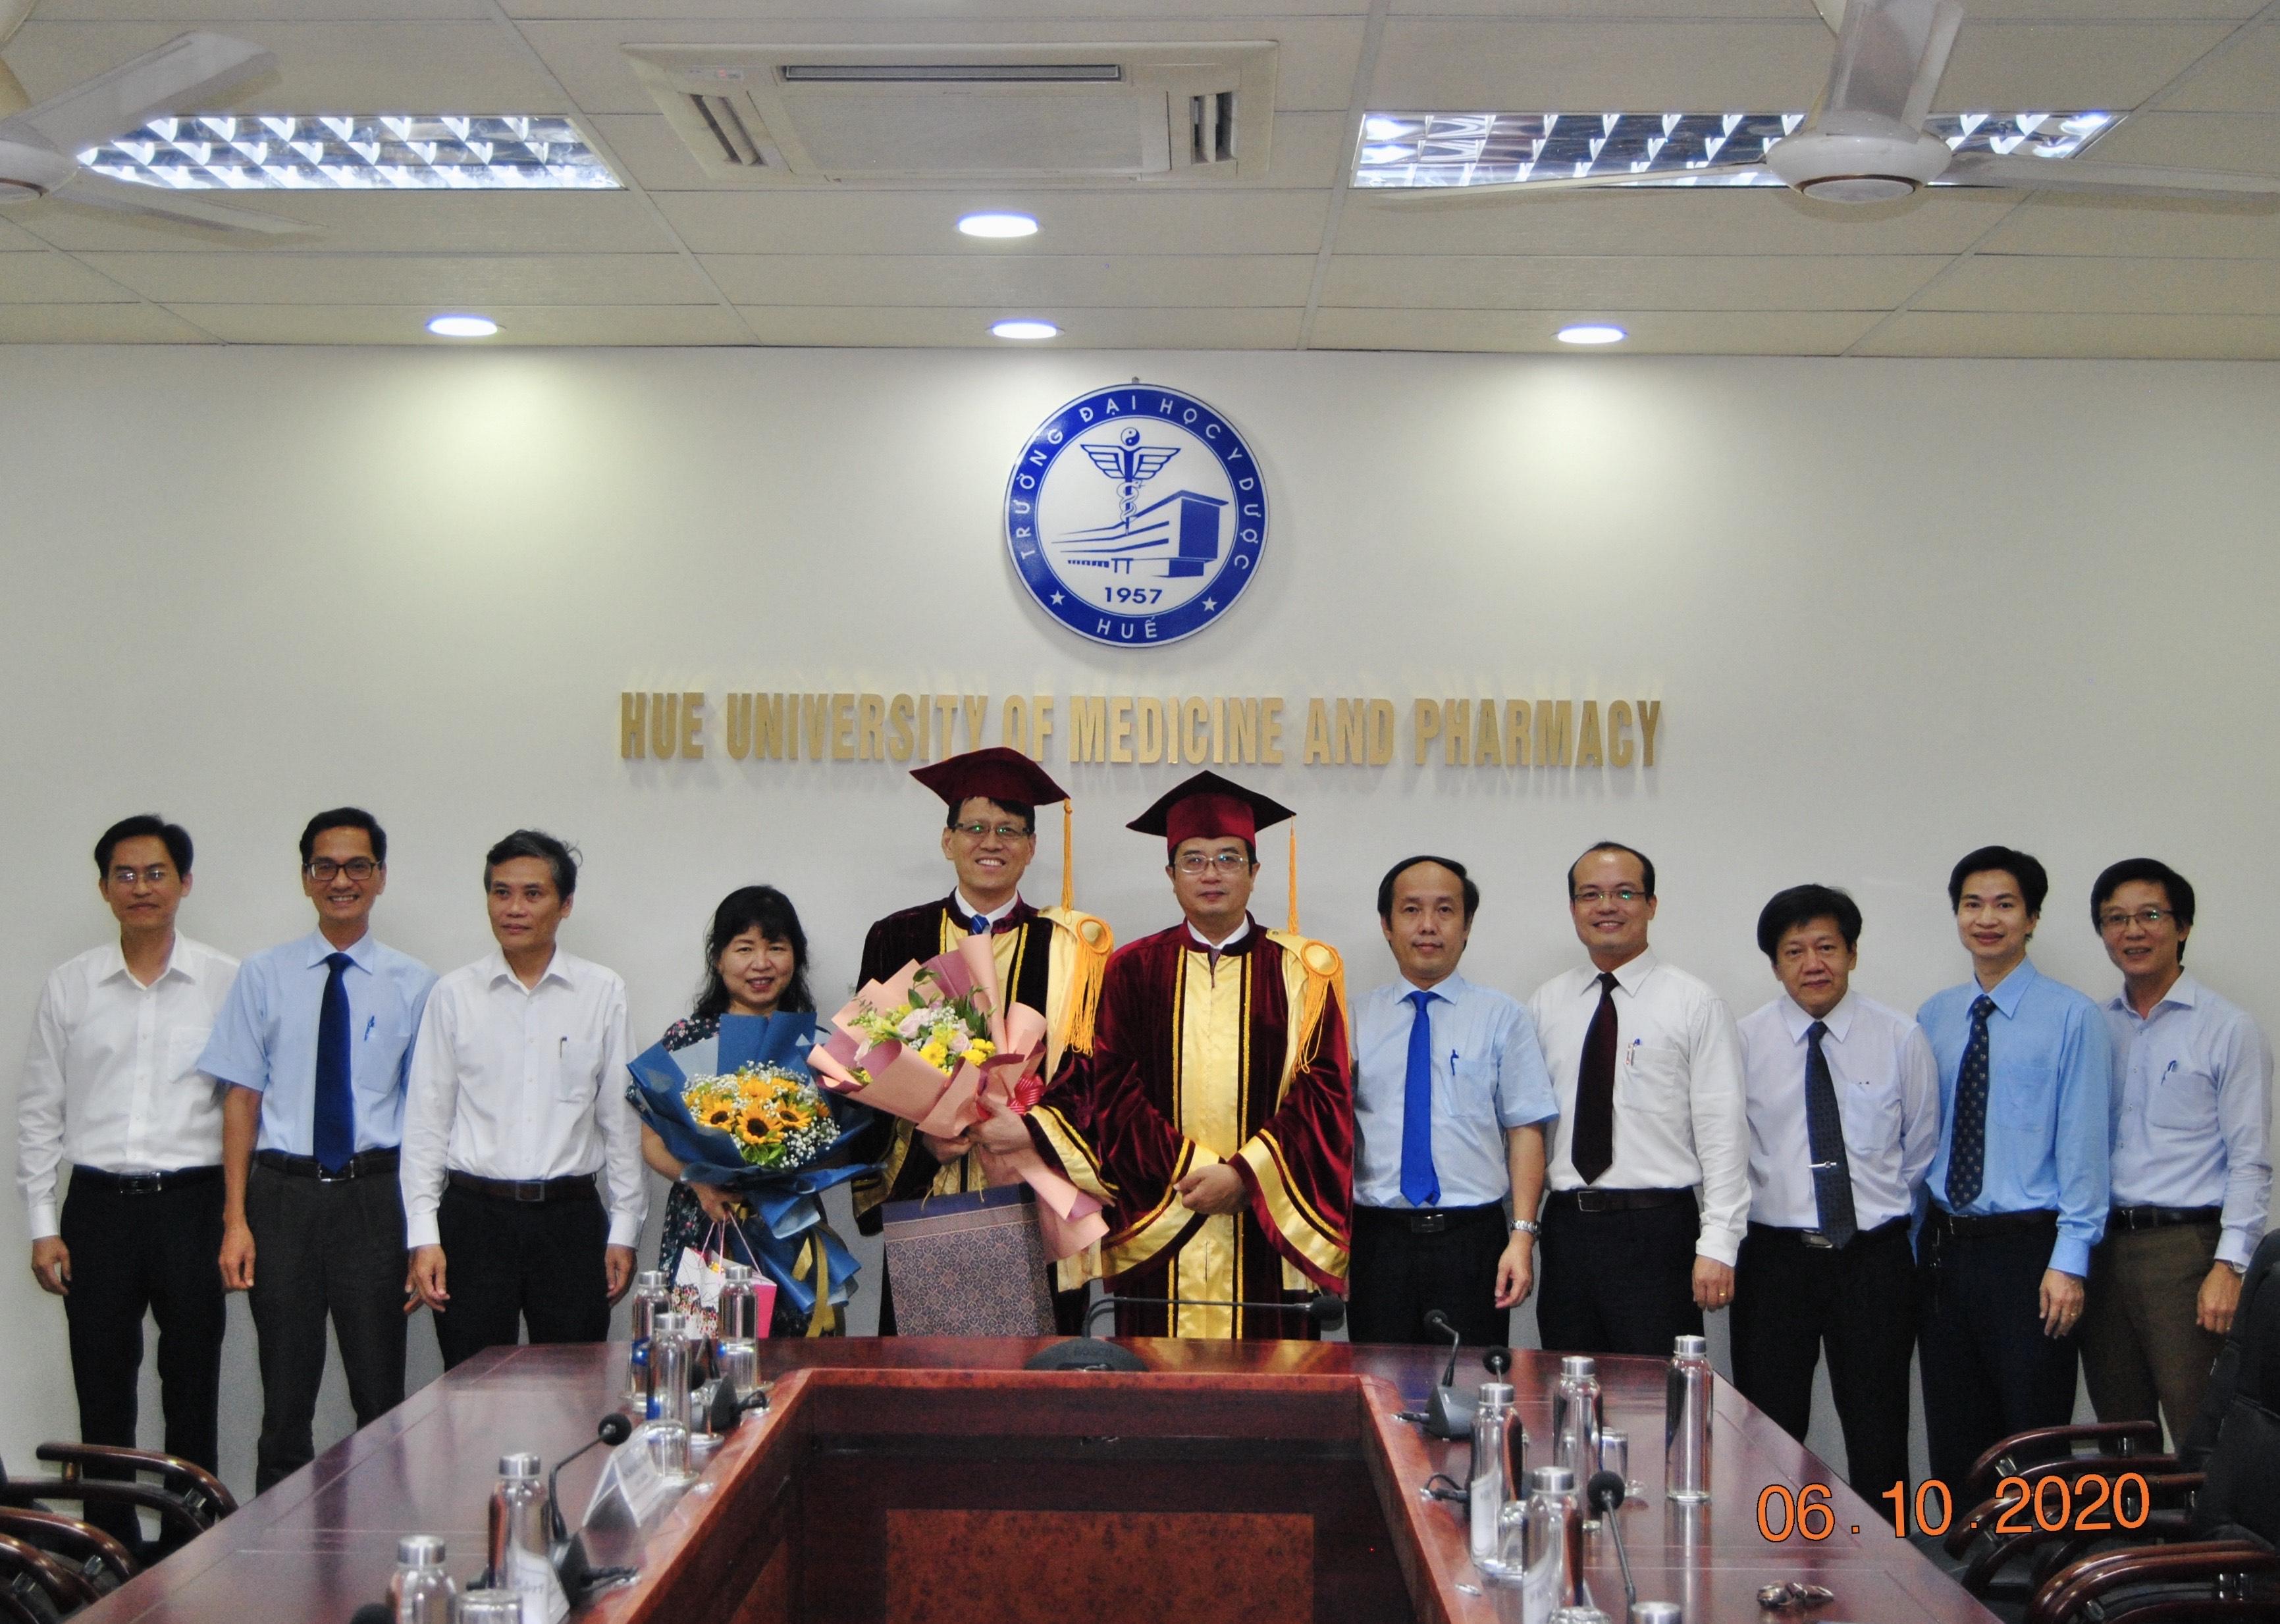 Trao chức danh Giáo sư thỉnh giảng cho BS. Chung Kyu Sung, Bệnh viện Mirae Hankook, Hàn Quốc